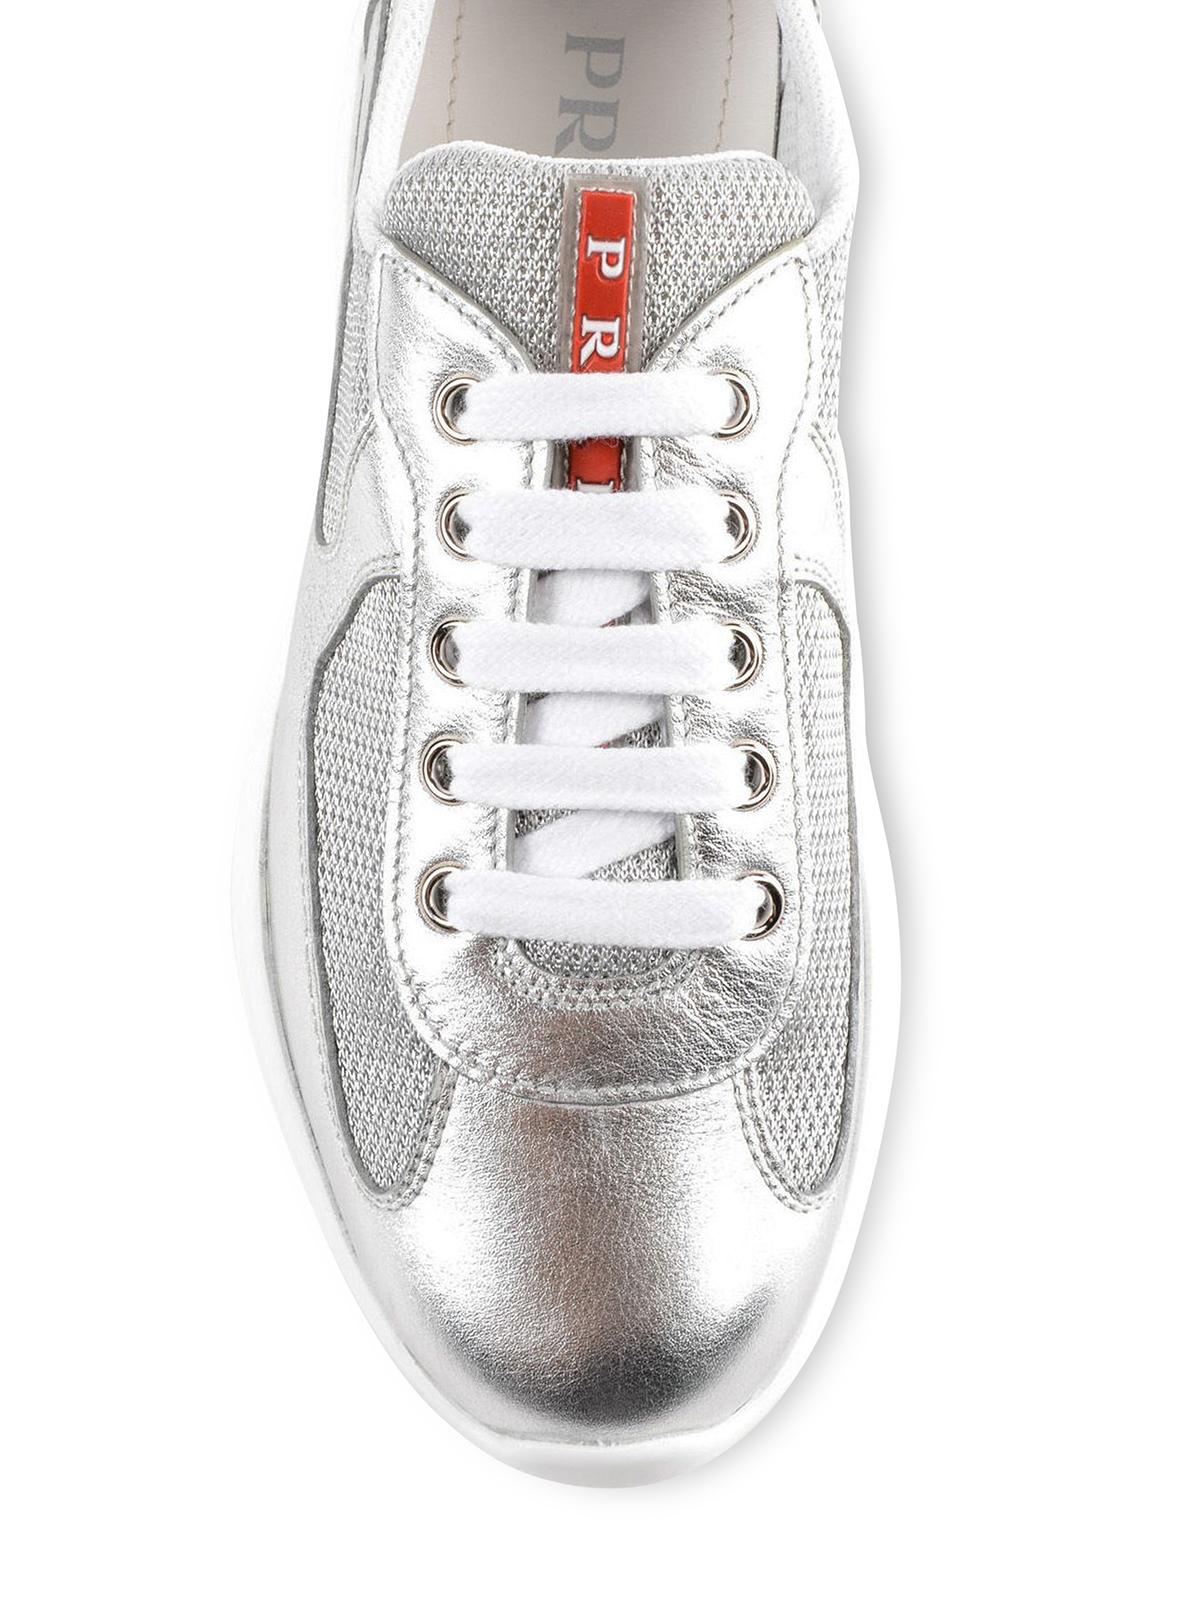 061c395cbb7ee Prada - Baskets - Argent - Chaussures de sport - 1E795I 6GW 118